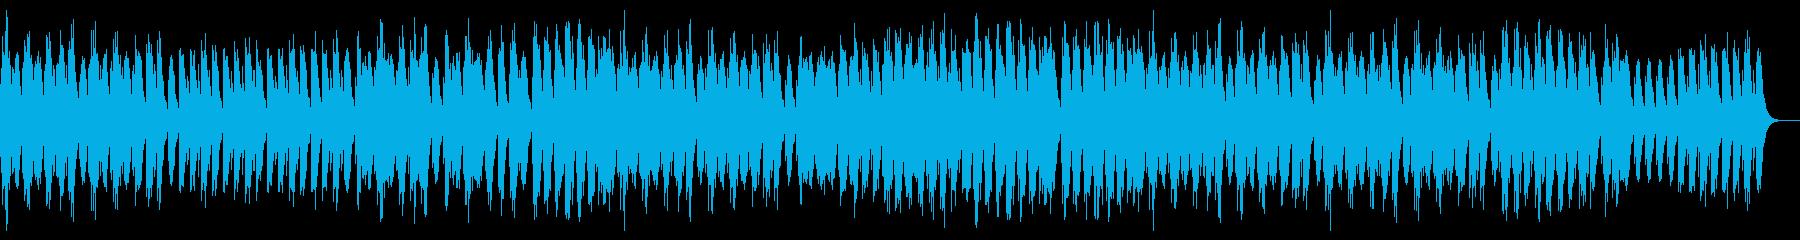 切ないメロディーのオルゴール曲の再生済みの波形